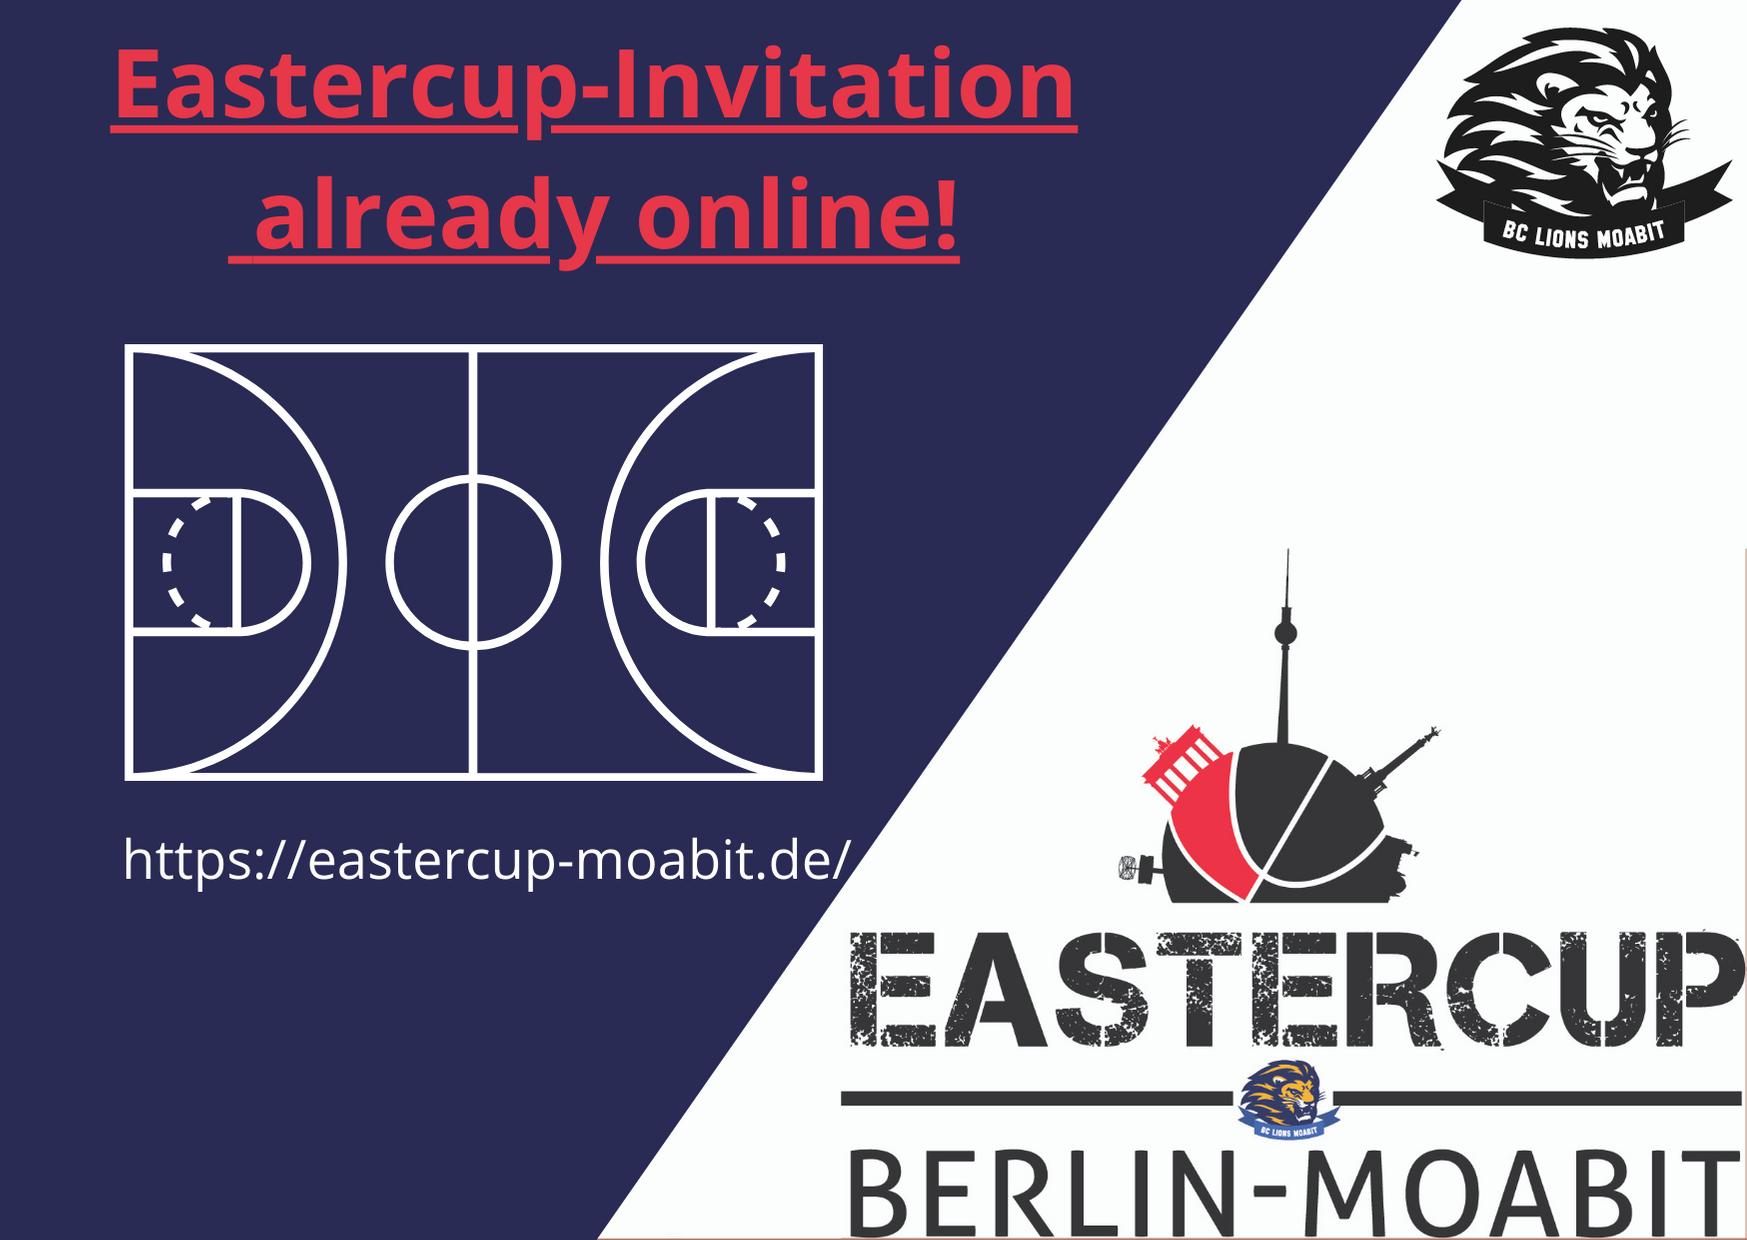 Invitation Eastercup